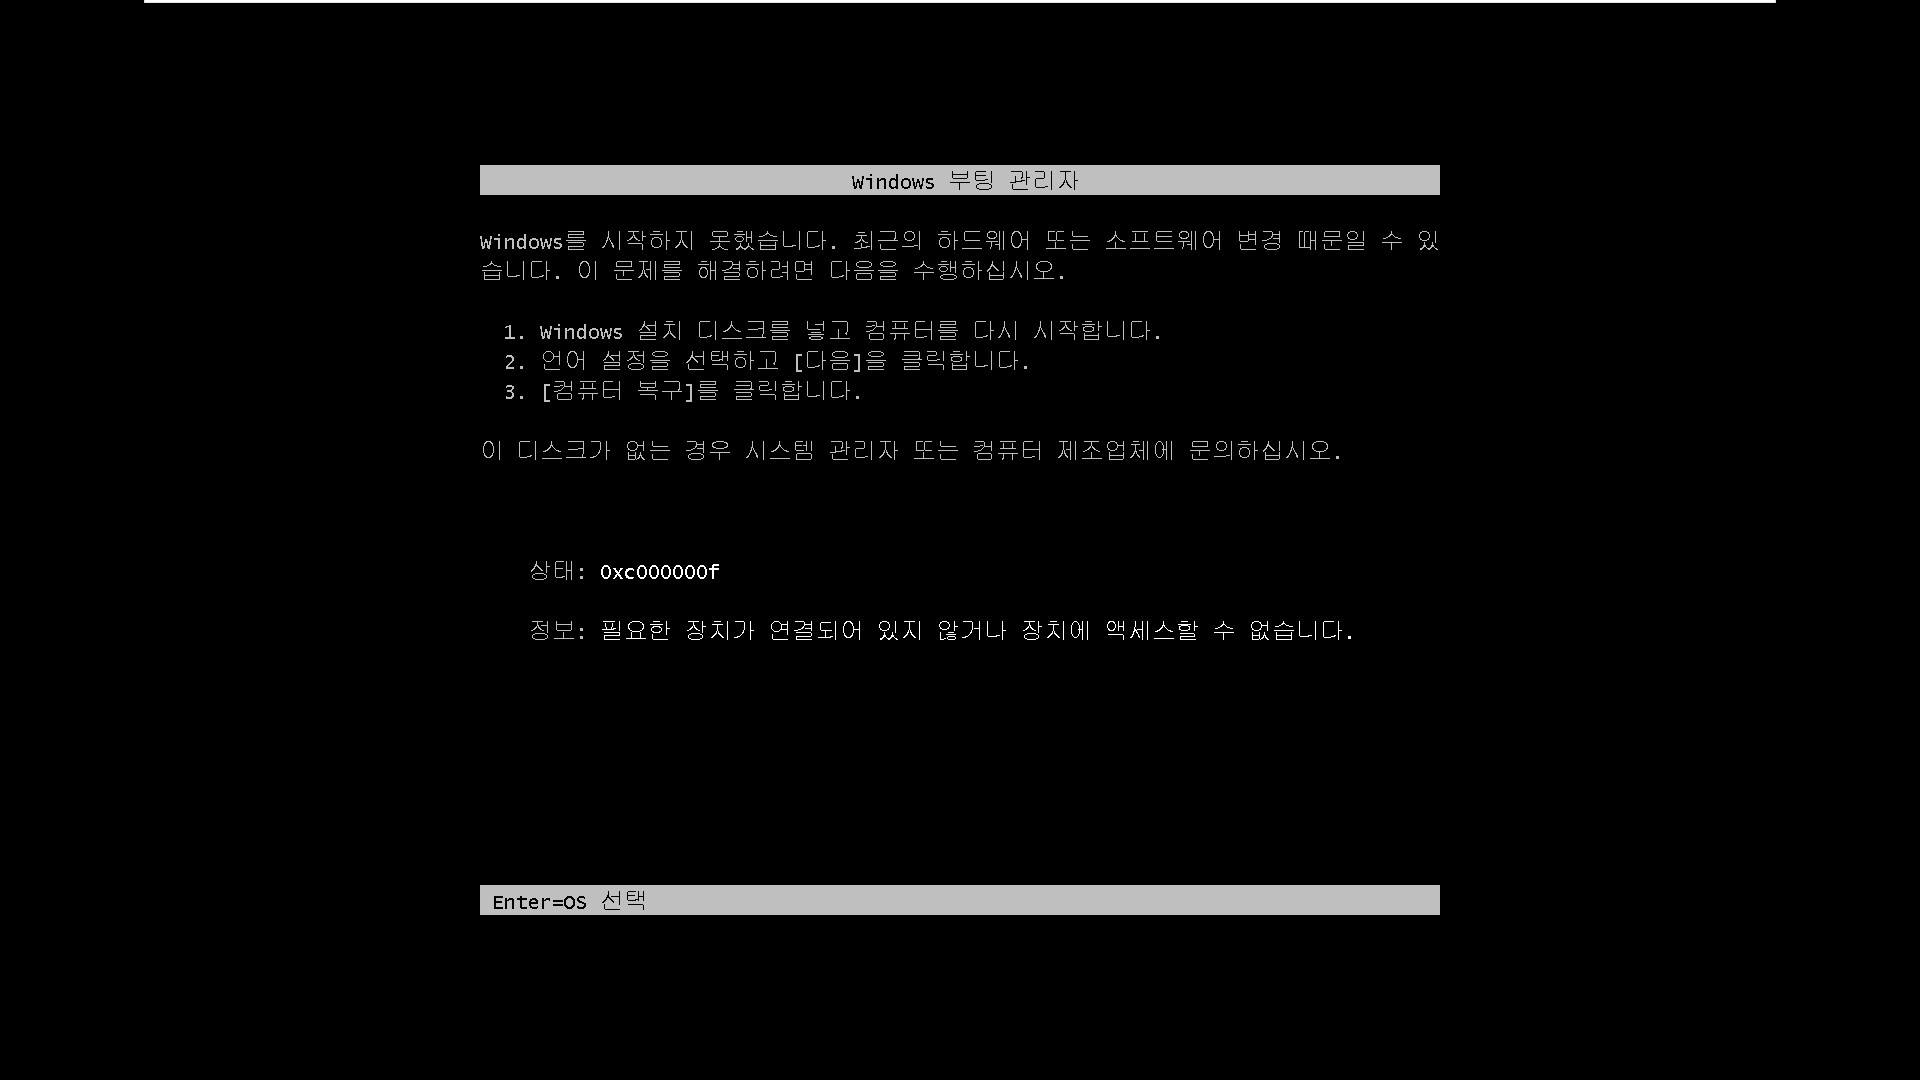 태풍OO님 Win10_Rs5_pArAoTPg35_윈도와PE의프로그램들공유-vhd만들어서vmware에연결 2019-01-10_210216.jpg